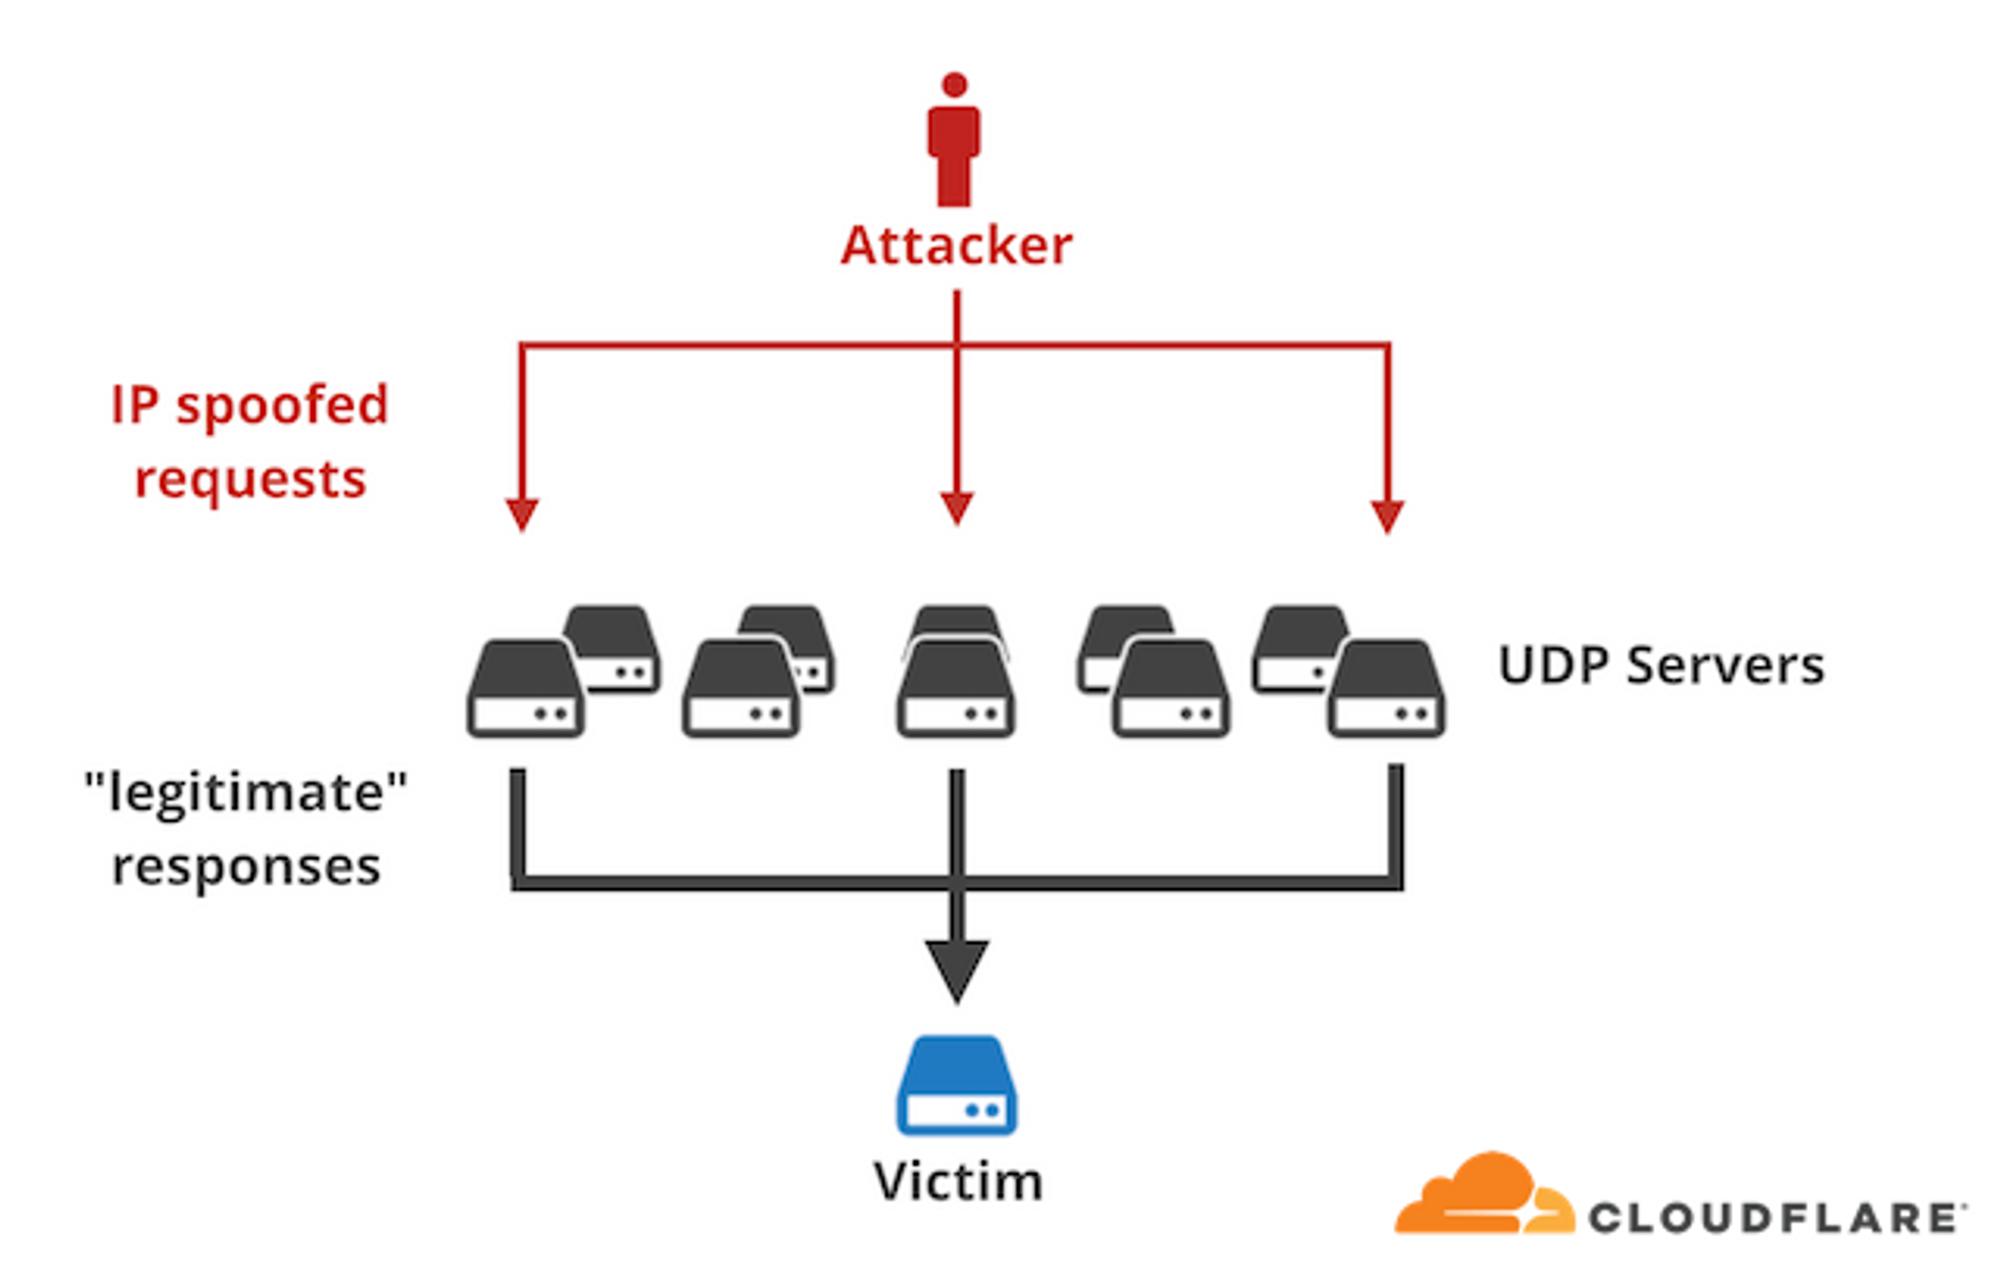 Diagrammet viser et typisk DDoS-angrep basert på forsterkning og forfalsket avsenderadresse.